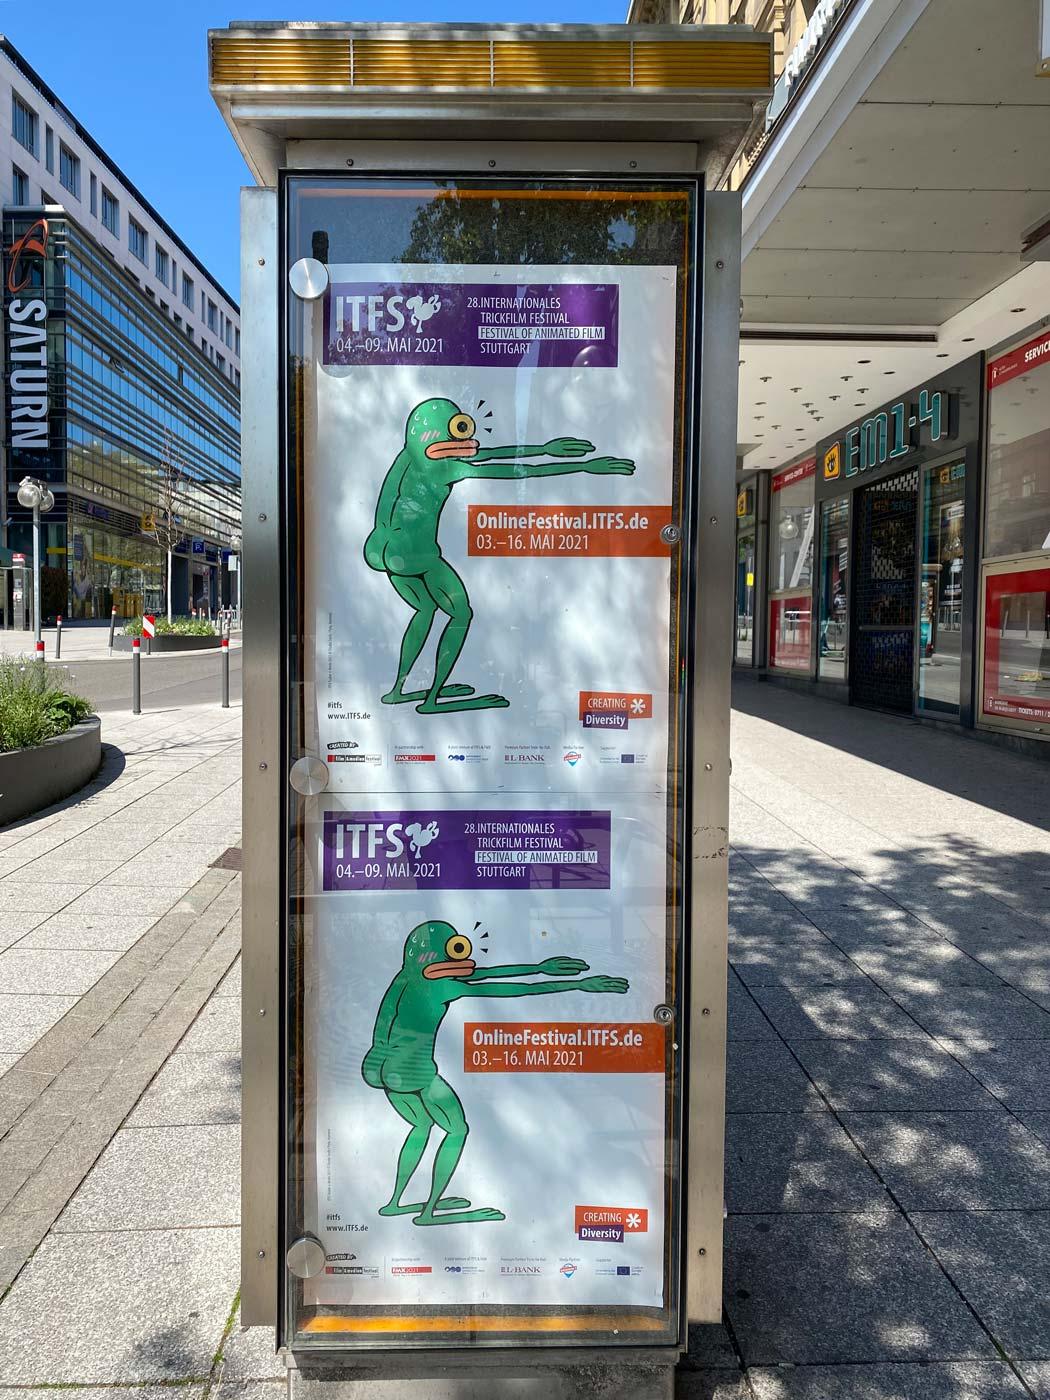 Events-Stuttgart-ITFS-Digitalagentur2